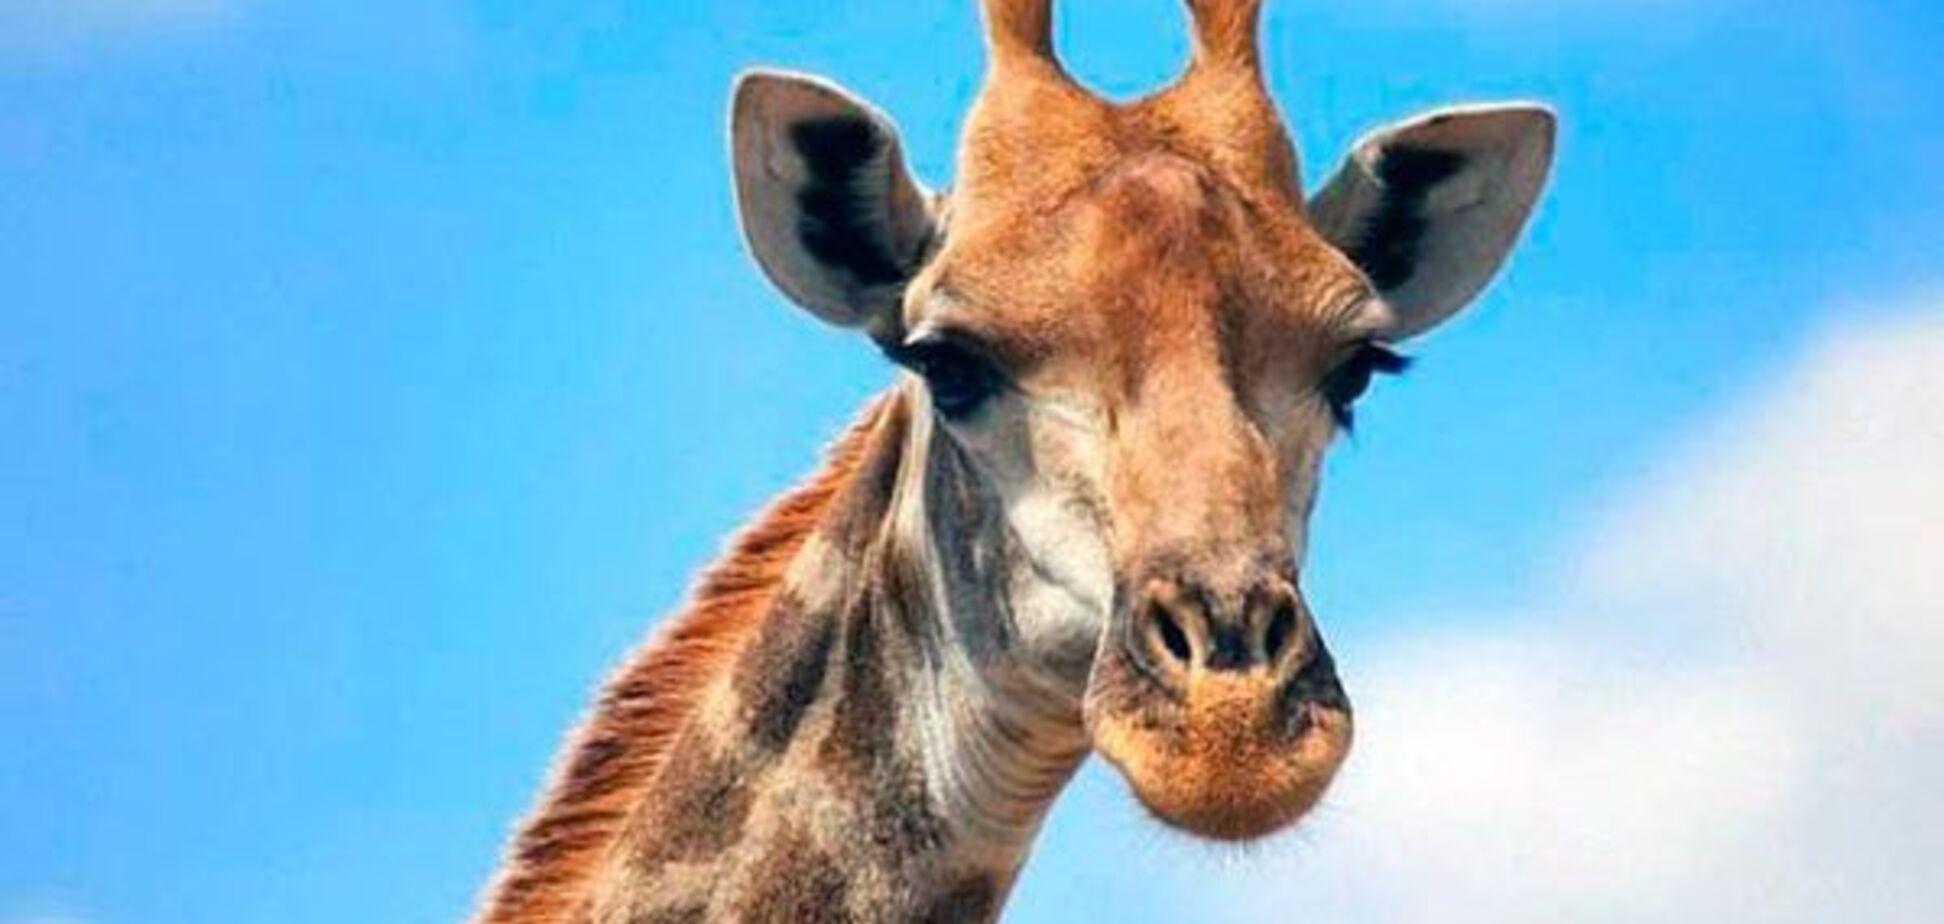 Жирафы: характеристика, образ жизни, интересные факты